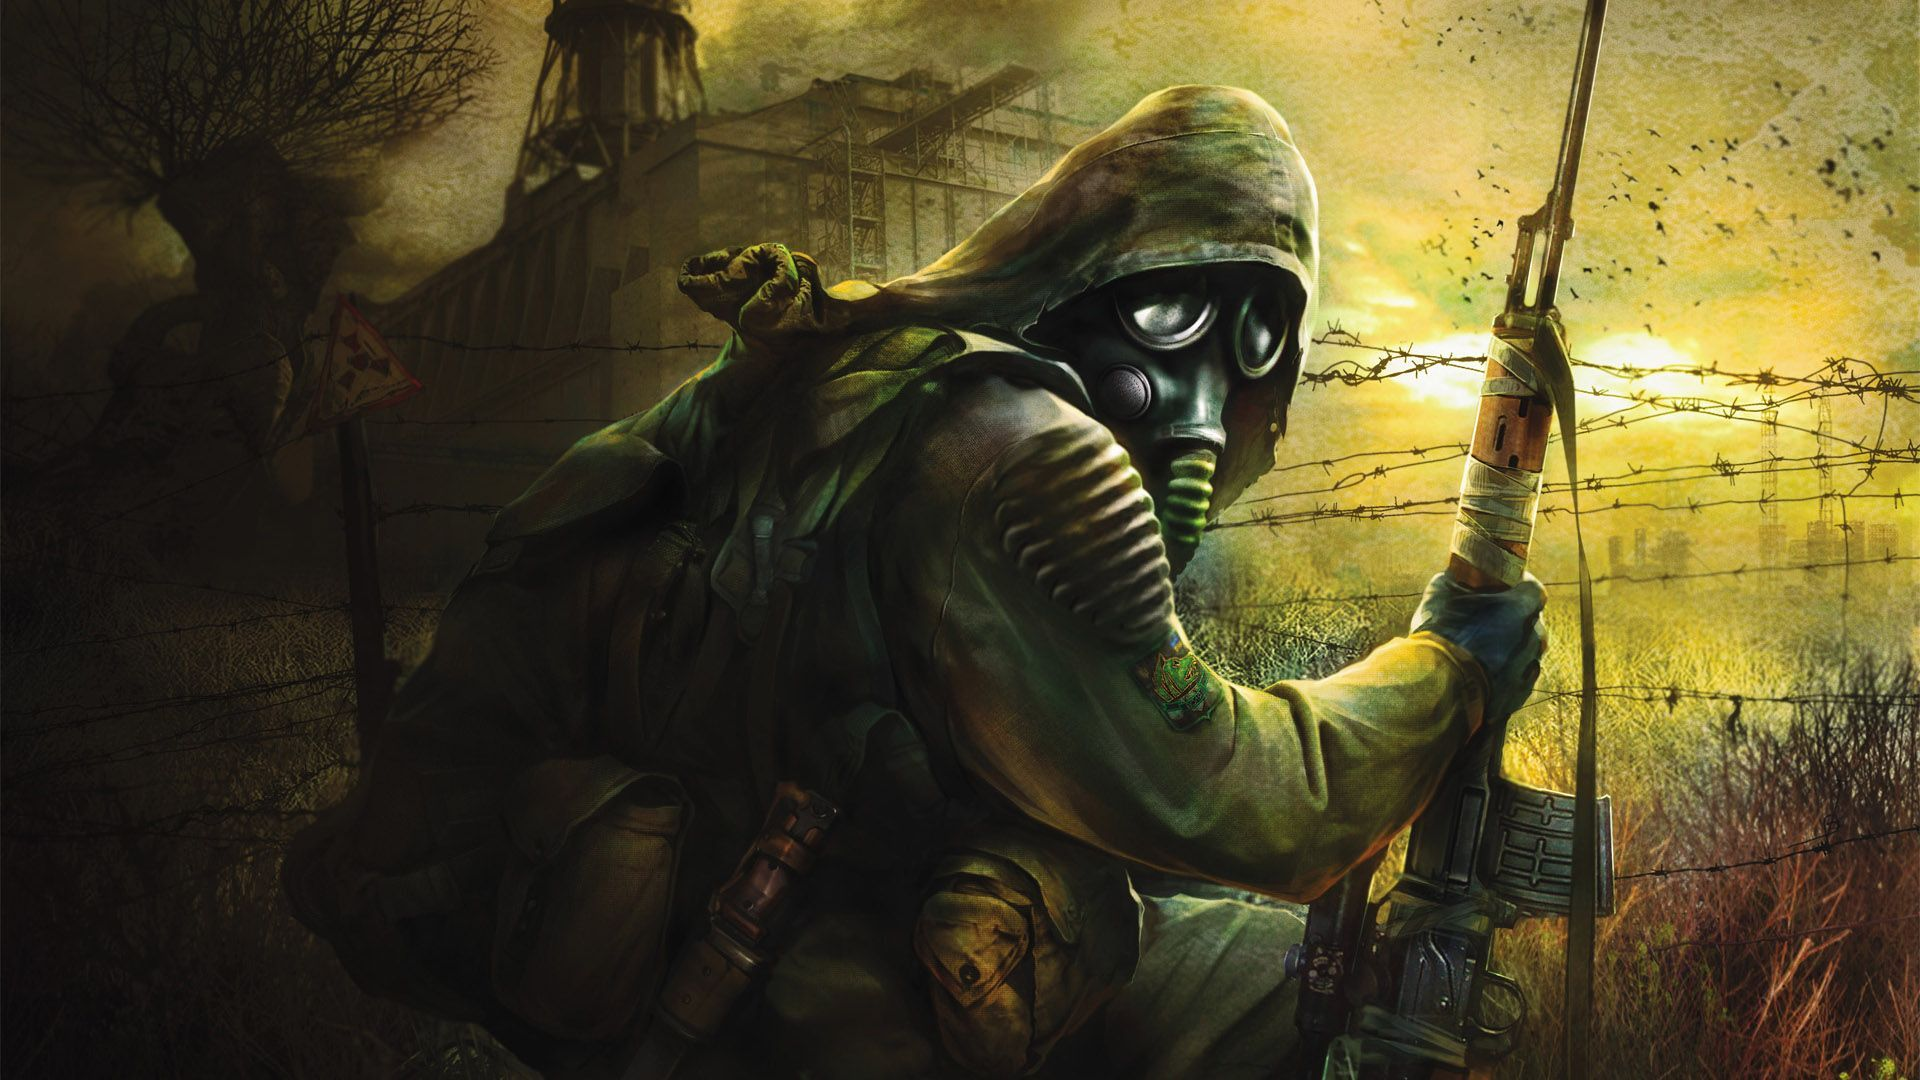 Cool Gaming Backgrounds Digital Wallpaper Chernobyl Stalker